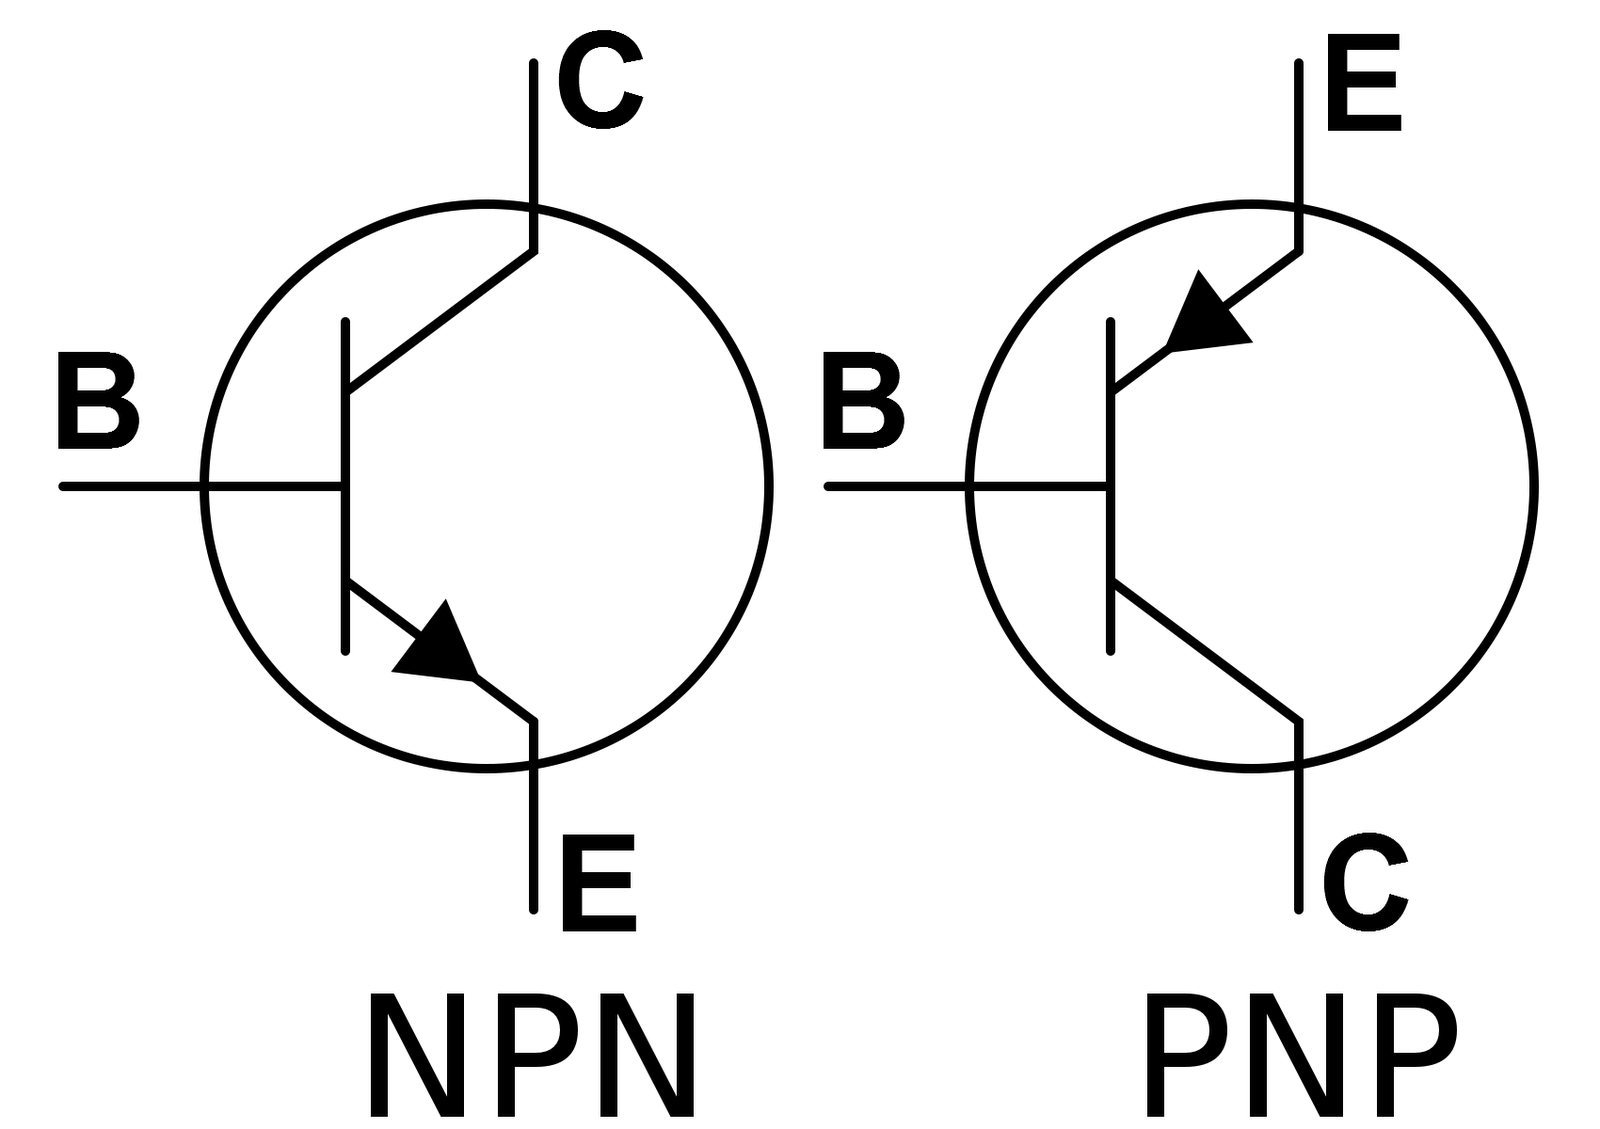 wiring diagram diode symbol wiring image wiring wiring diagram diode symbol wiring schematics and diagrams on wiring diagram diode symbol